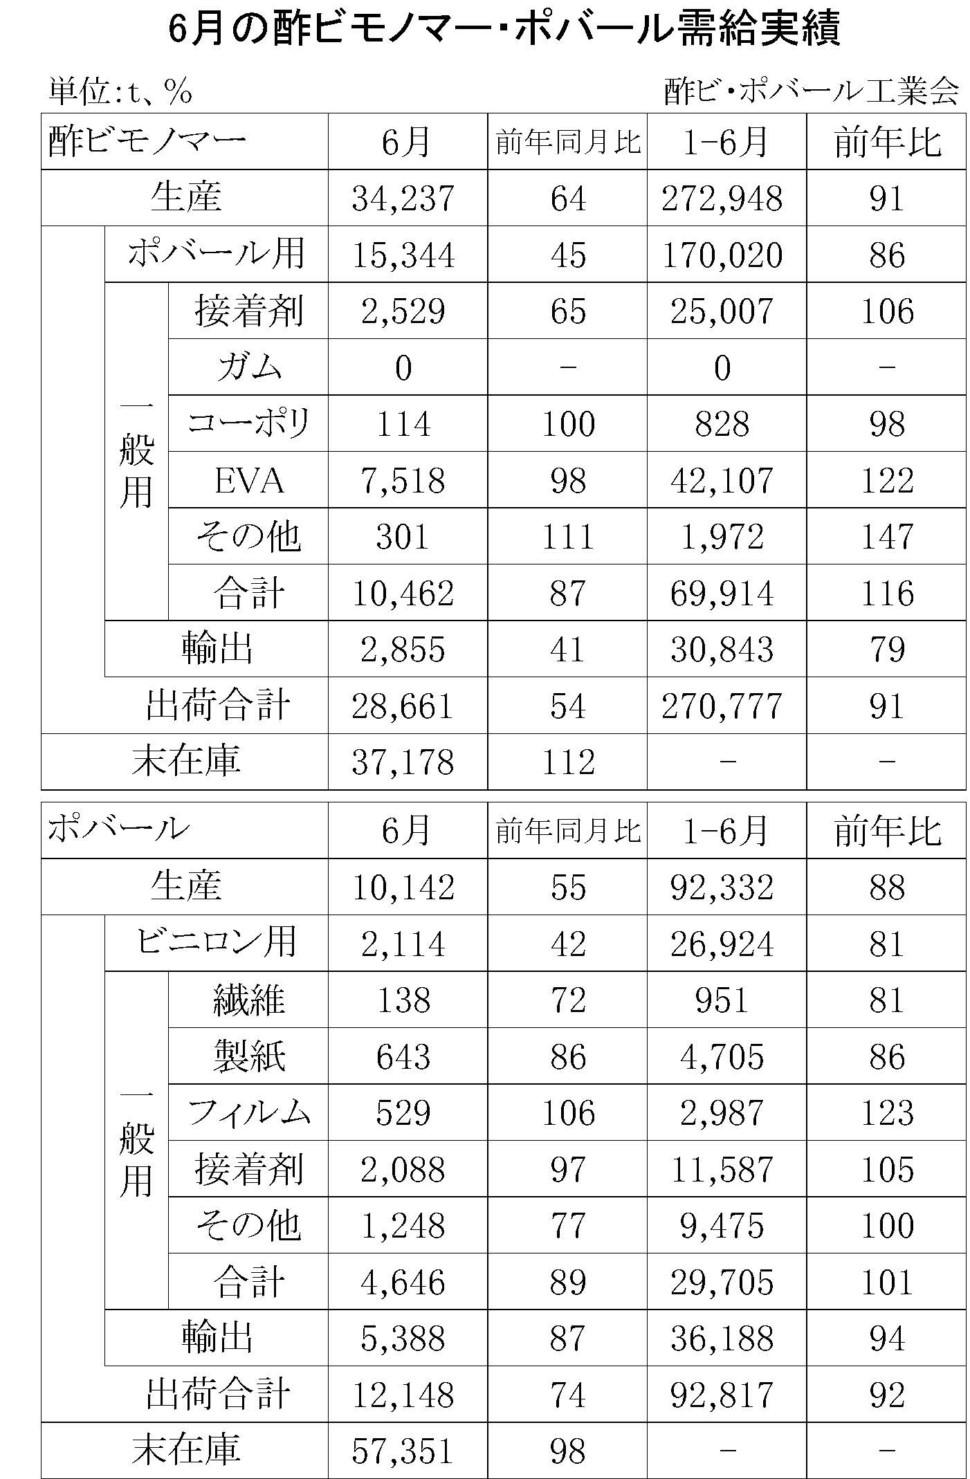 6月の酢ビモノマー・ポバール需給実績